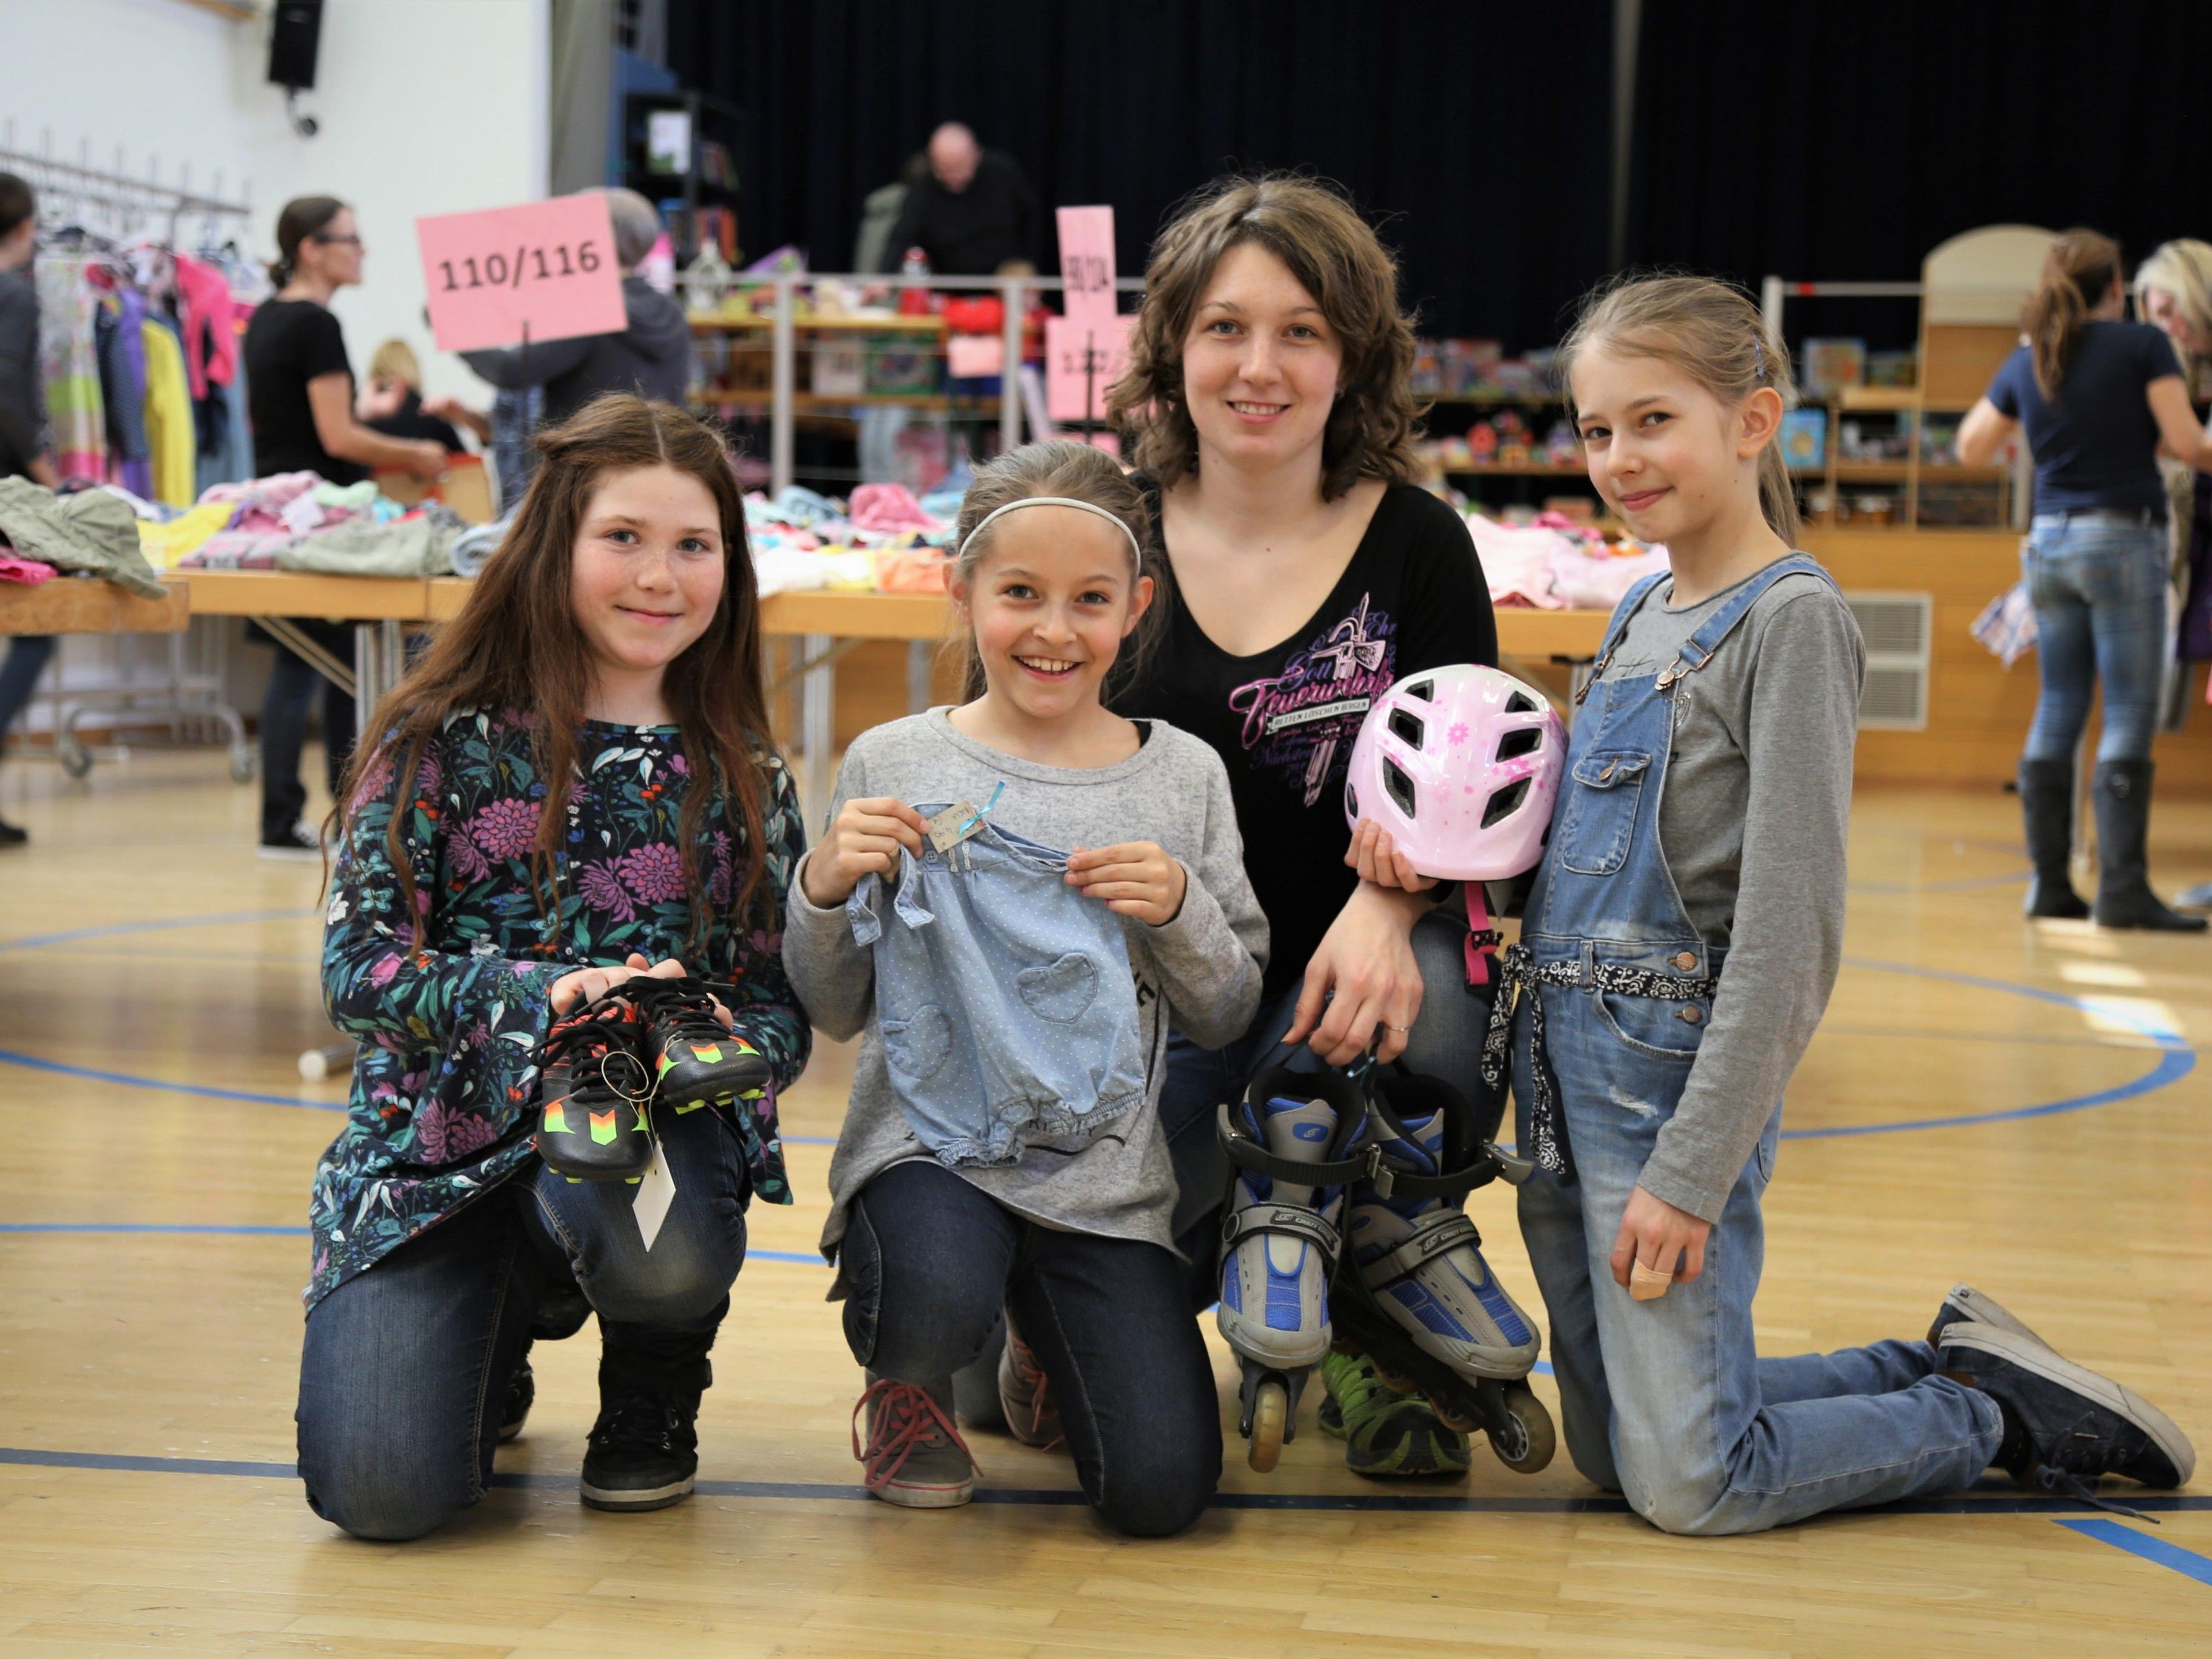 Kinder und Erwachsene  freuen sich jedes Jahr auf die Kinderkleiderbörse in Meiningen.